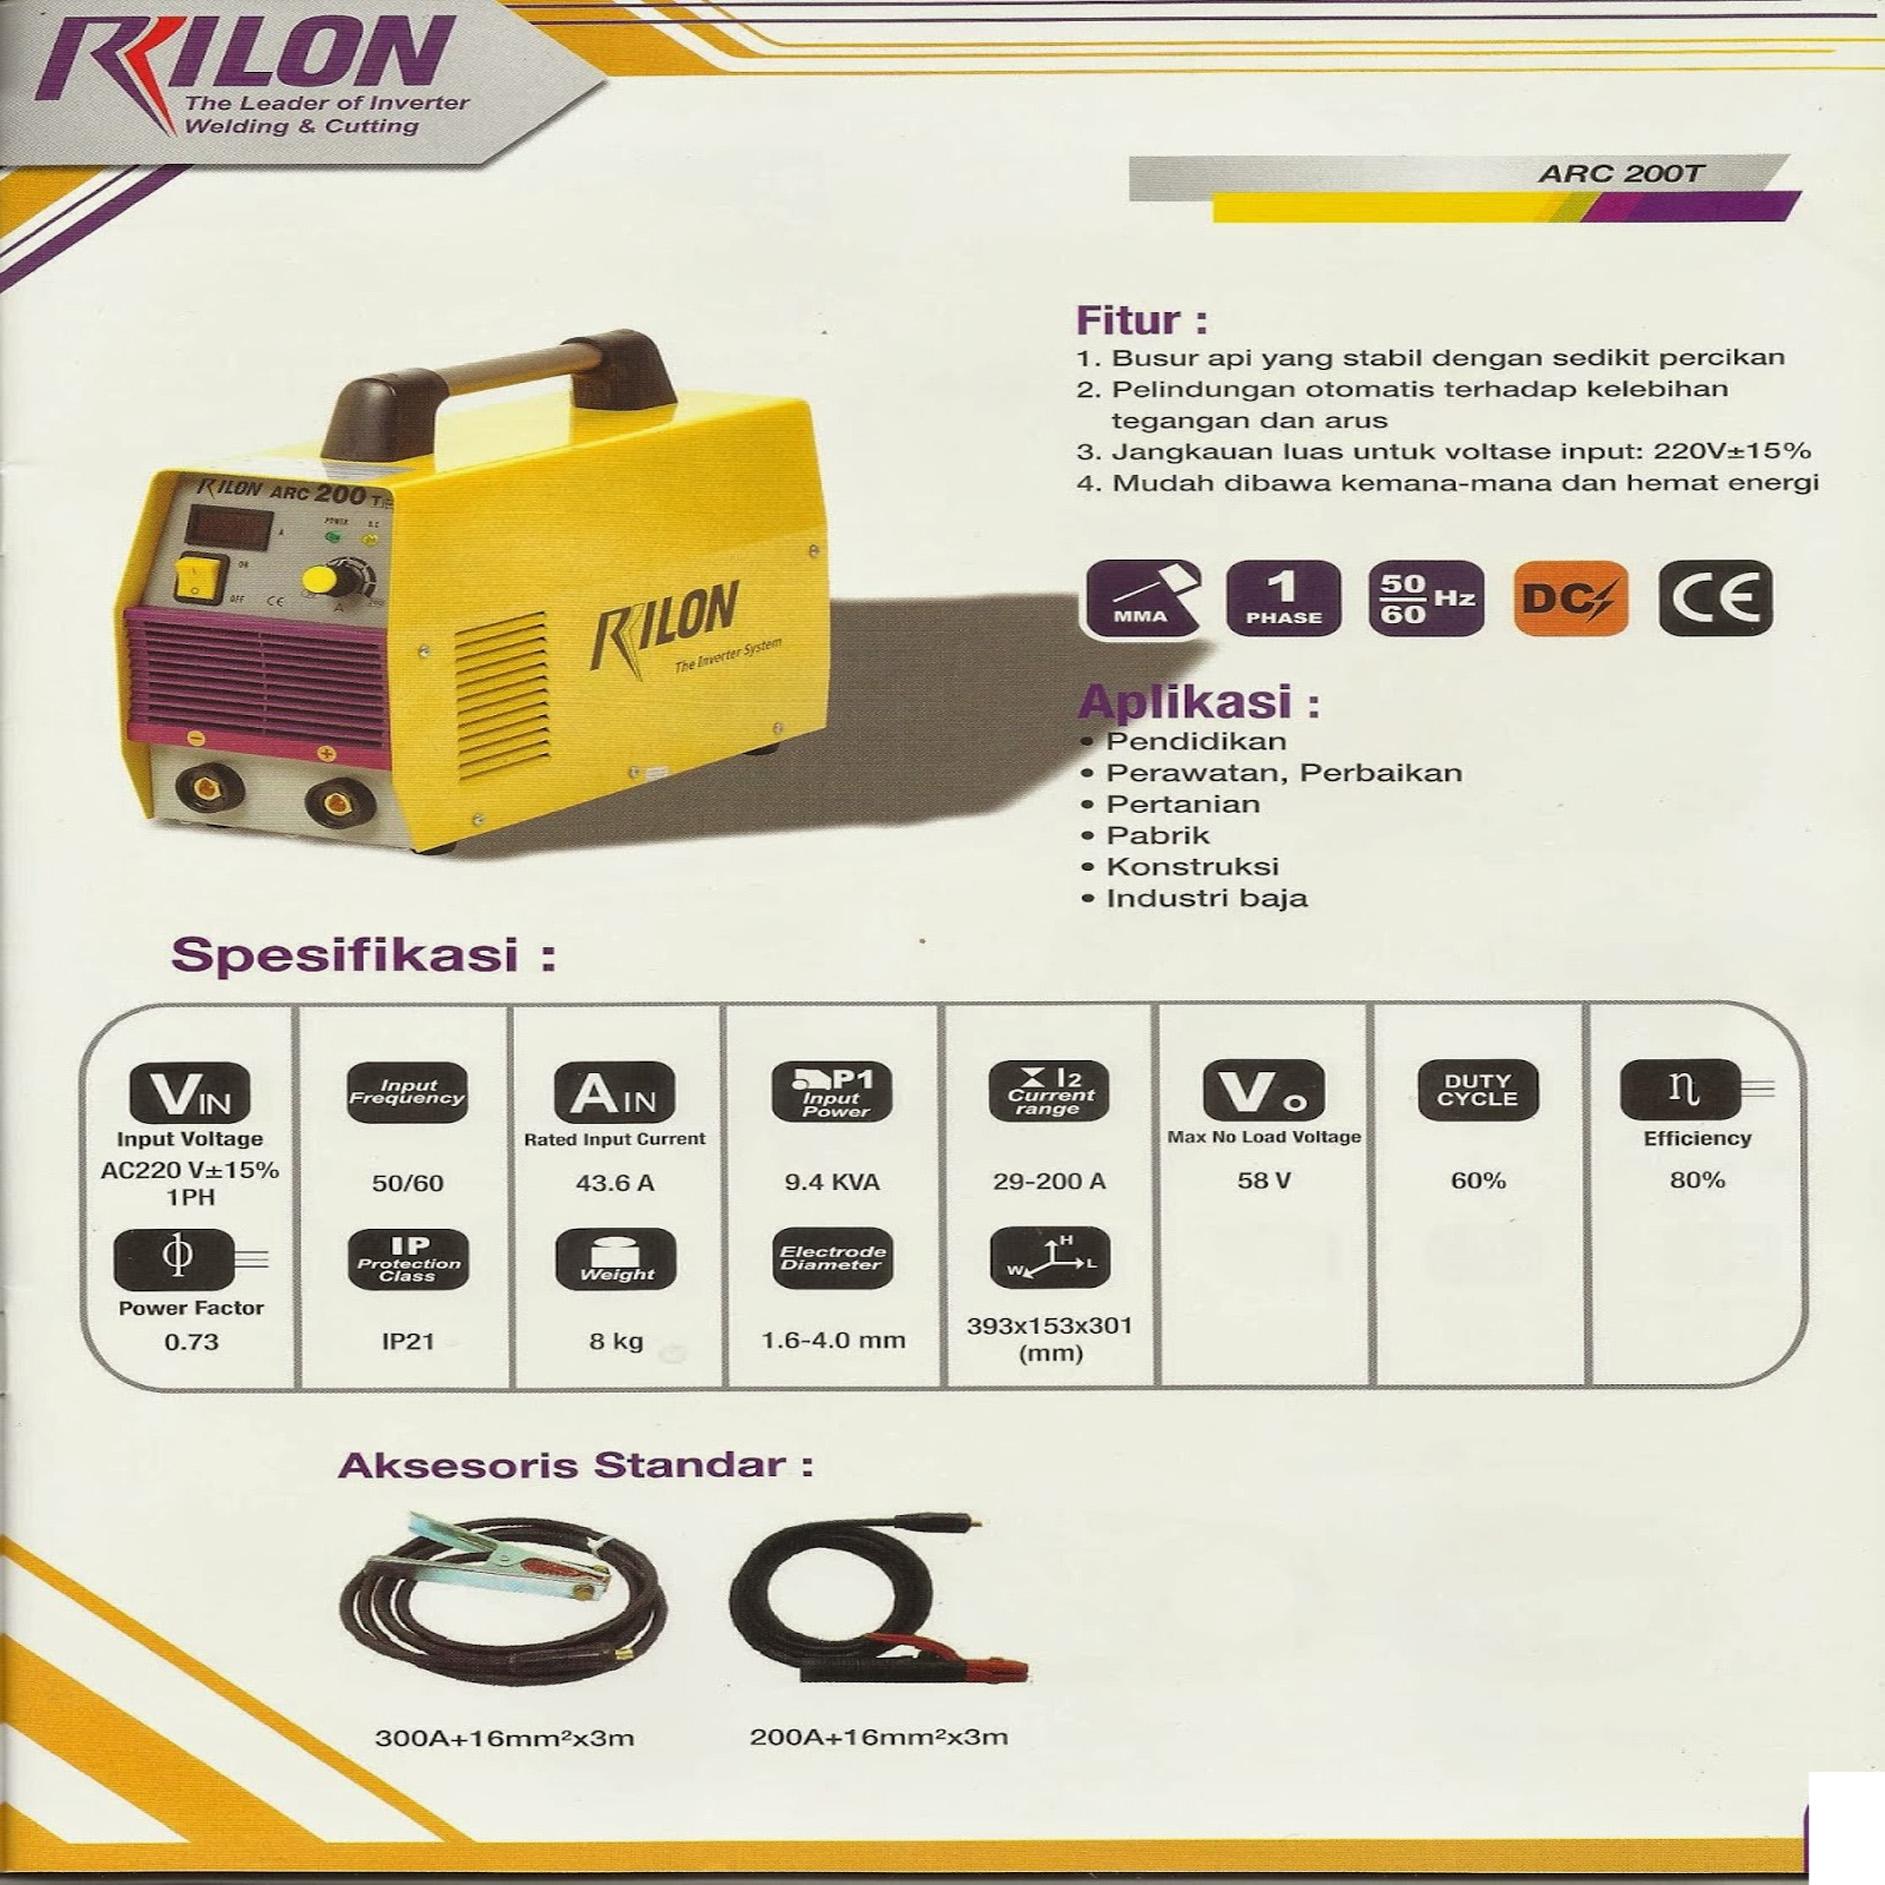 Harga Jual Rilon Arc 200t Mesin Las 160 Riland Inverter Mma Pengelasan Welding Adalah Merupakan Salah Satu Teknik Penyambungan Logam Melalui Cara Pencairan Sebagian Induk Dan Pengisi